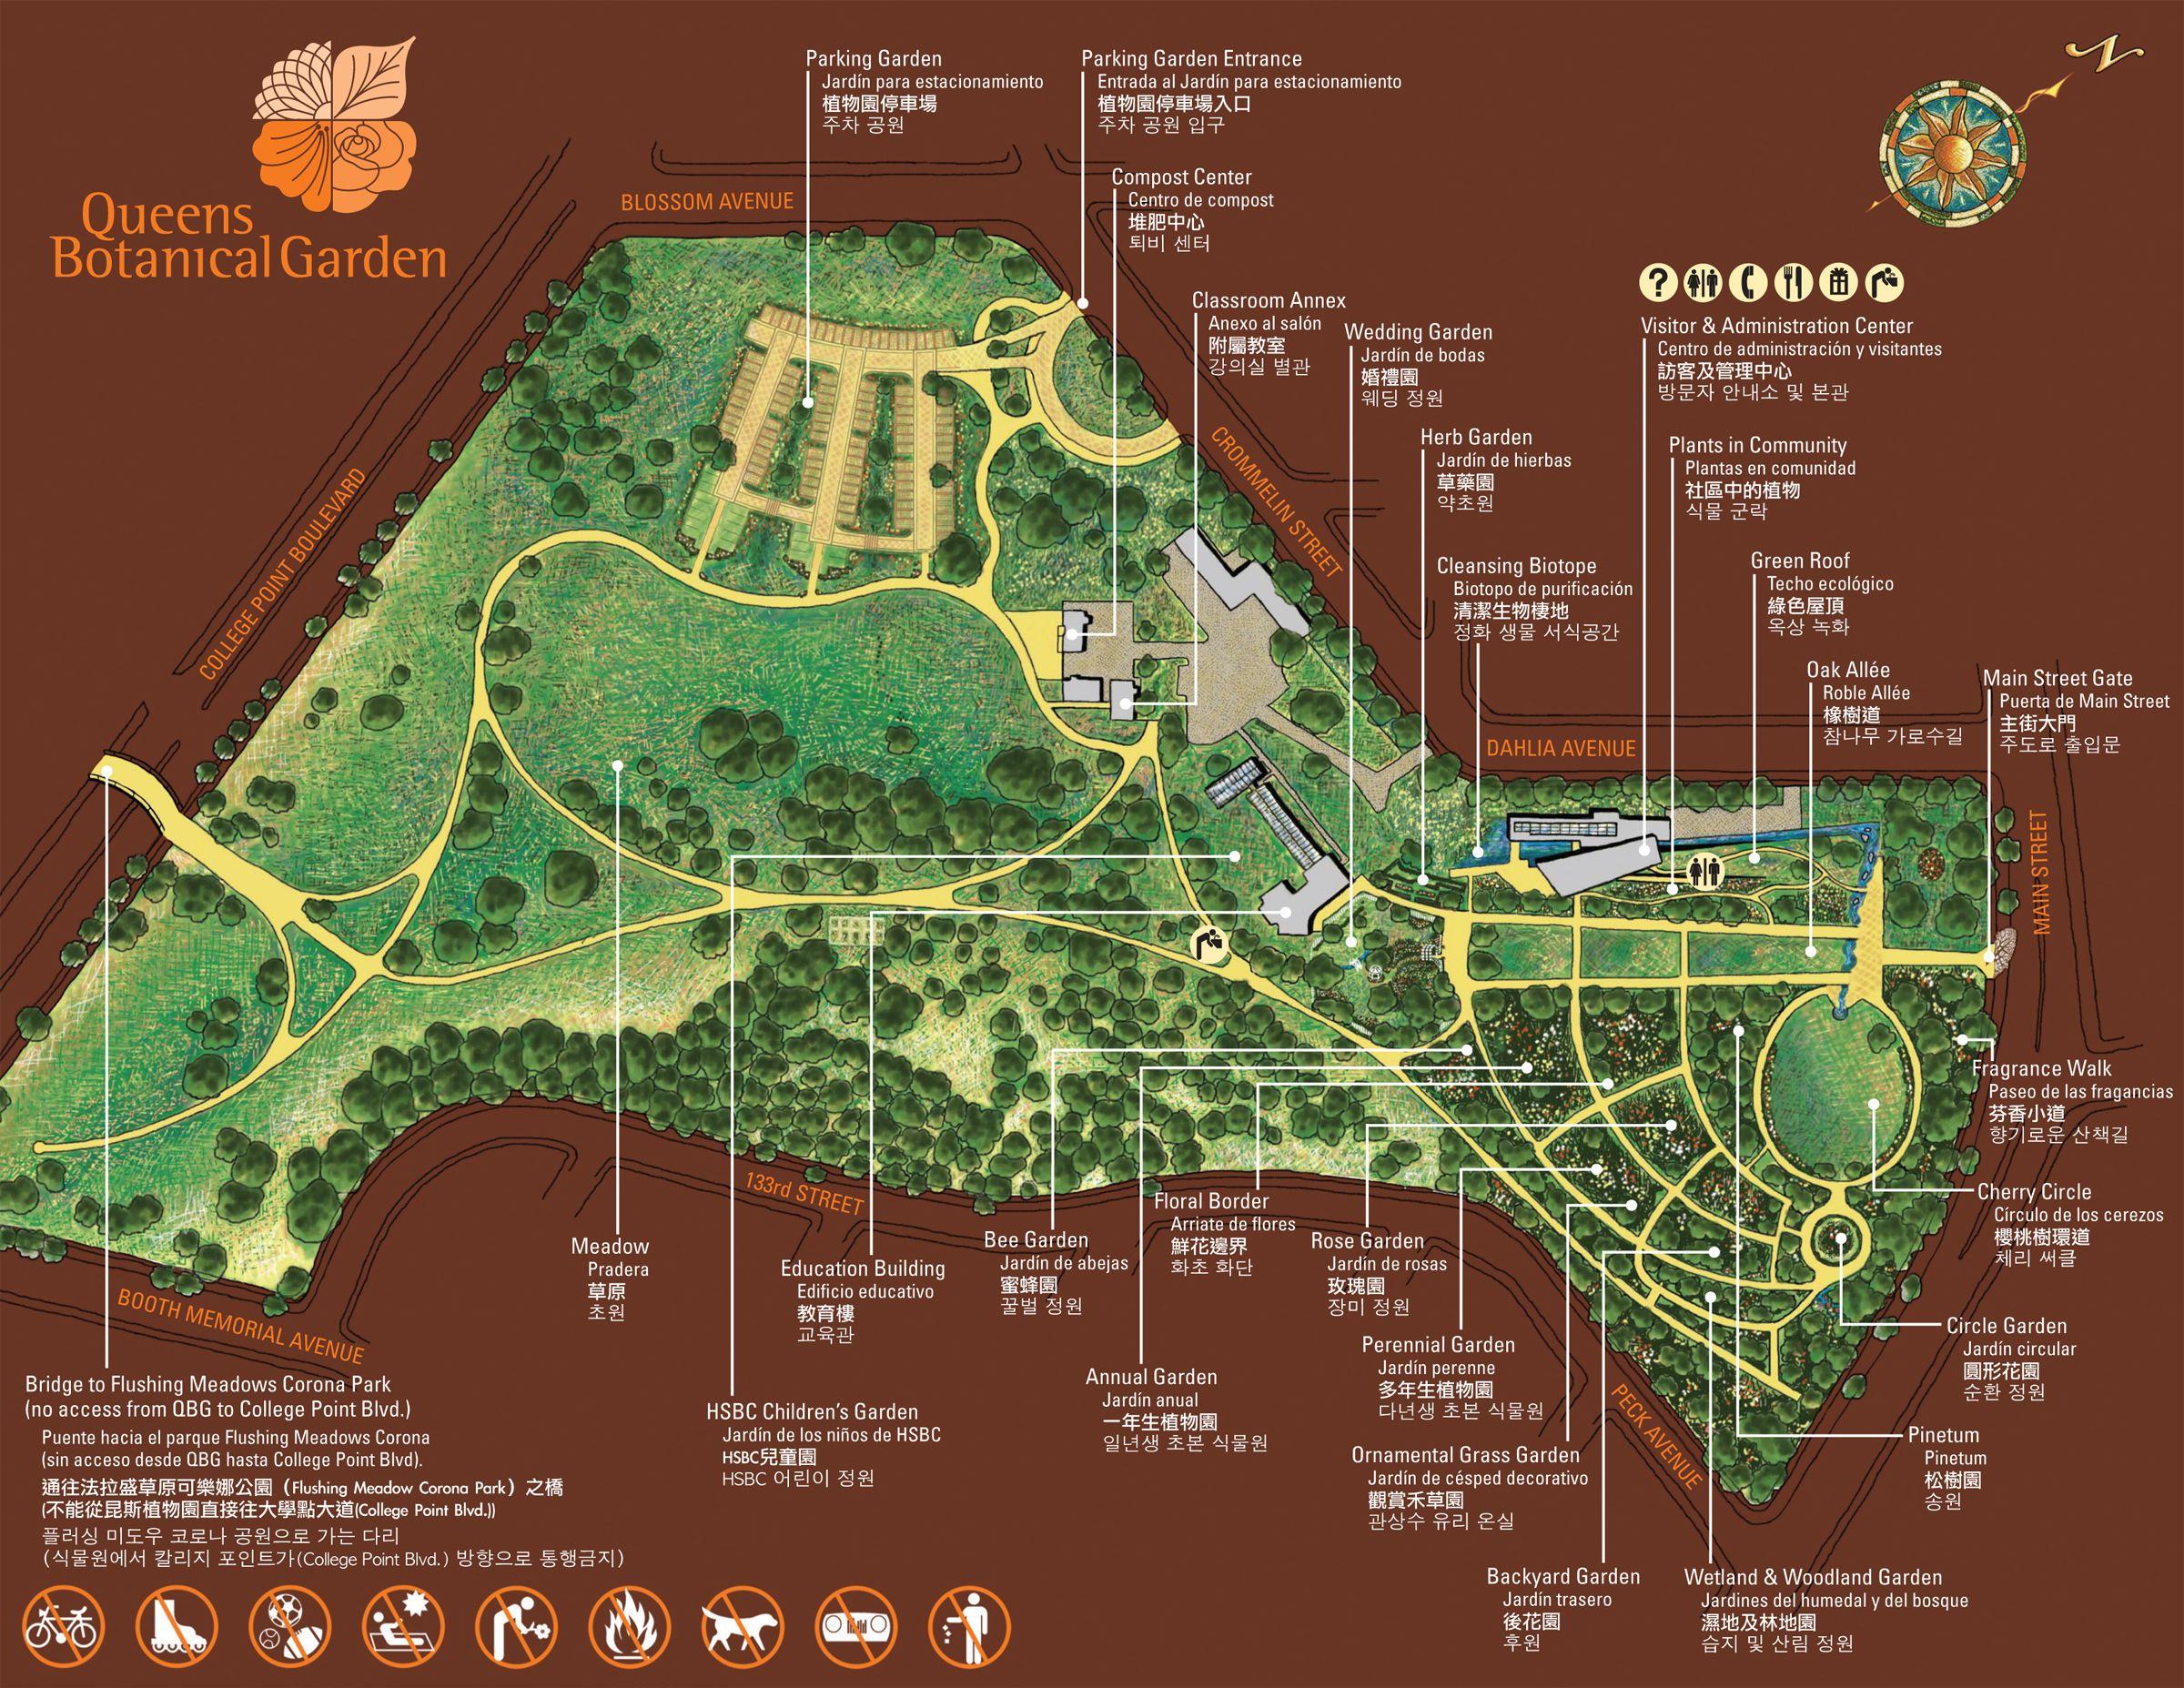 Visit A Botanical Garden. Http://www.queensbotanical.org/programs